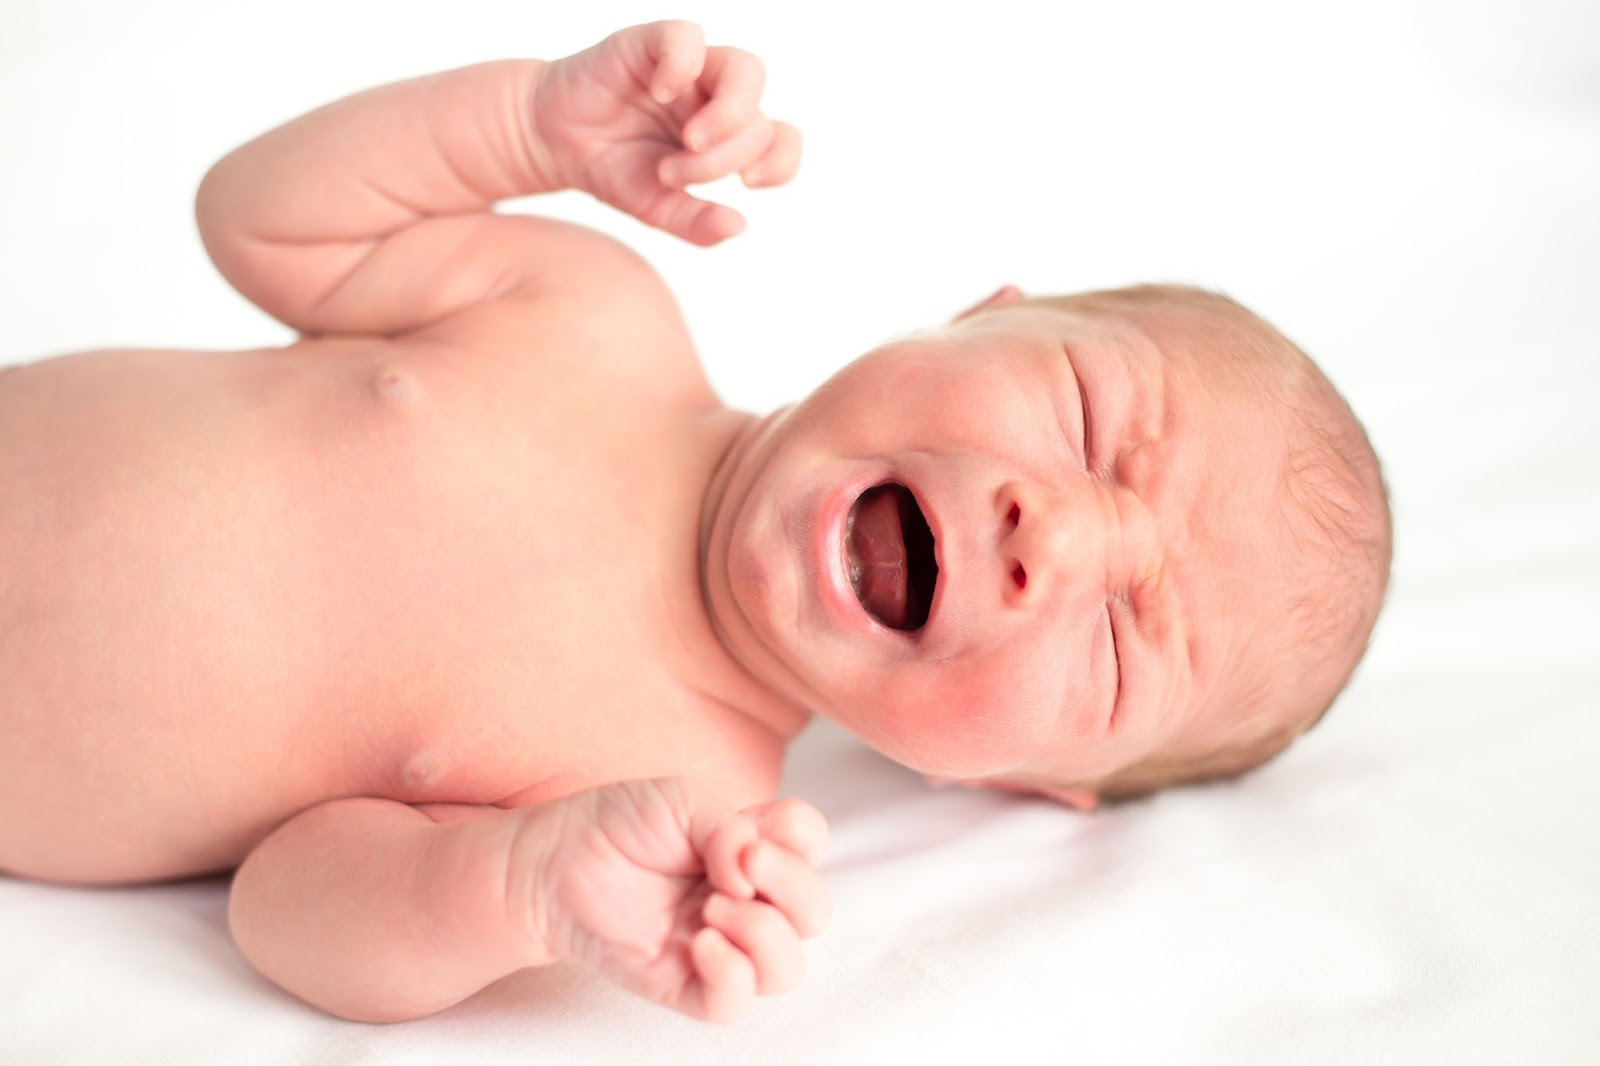 Bir bebekte alerji umutsuzluğa sebep değildir